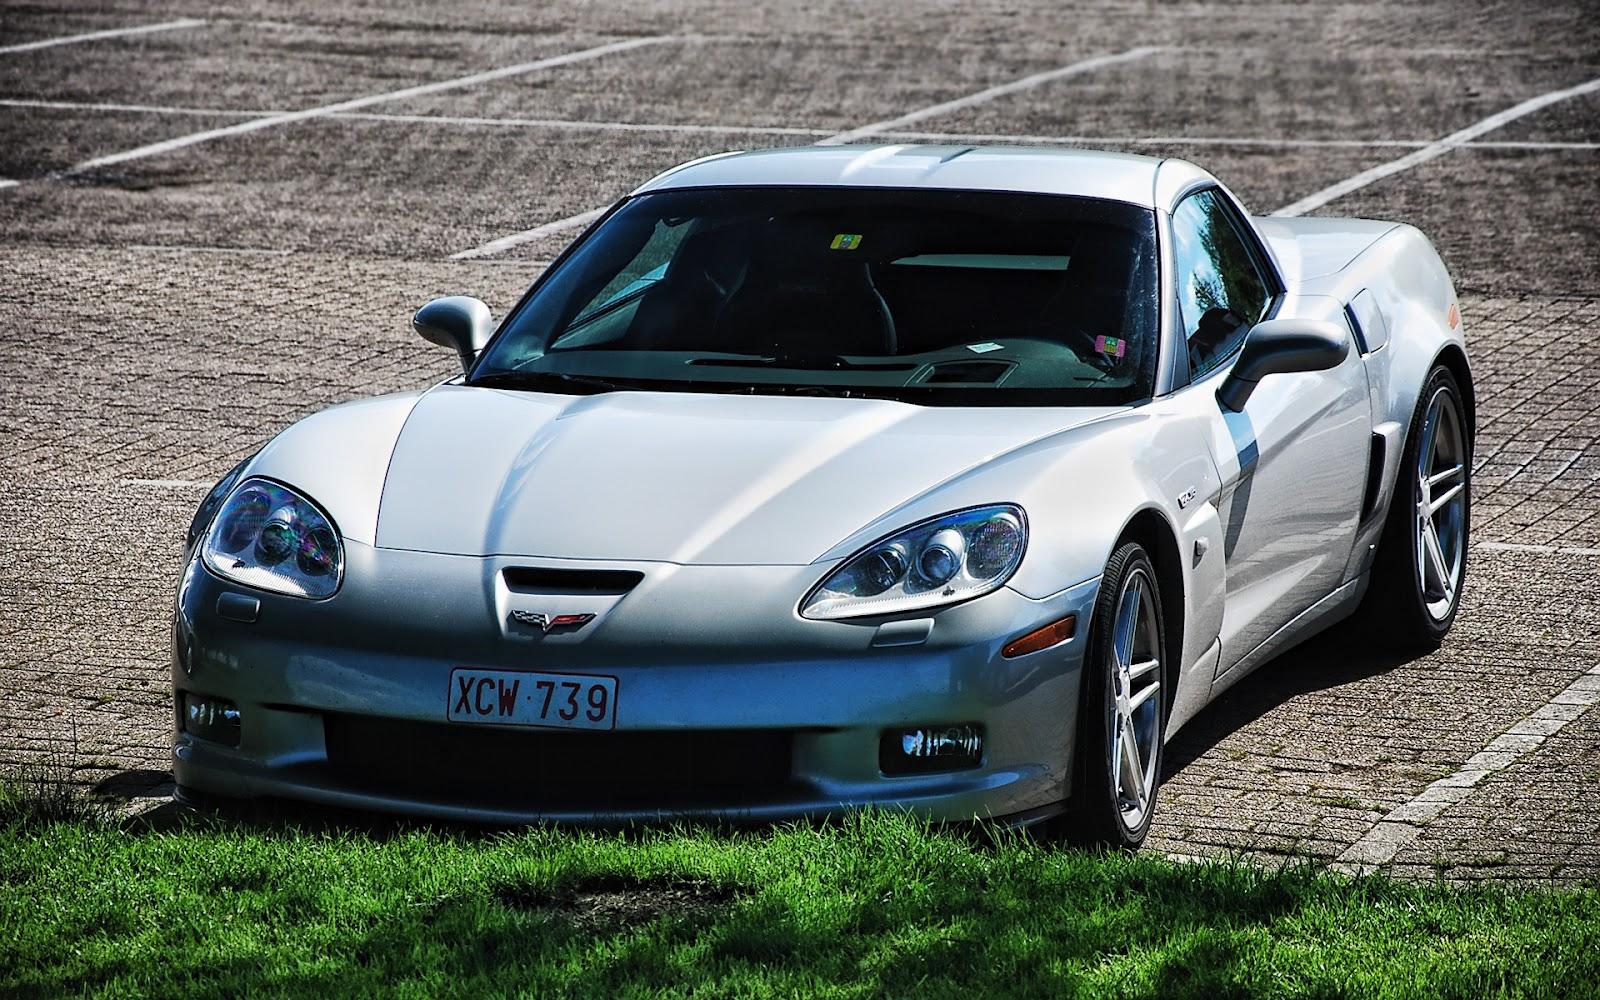 http://1.bp.blogspot.com/-ggSjLSGu4qY/T-2PDKpTx4I/AAAAAAAAAg0/nVWht8bb1rM/s1600/chevrolet+corvette+z06+%286%29.jpg